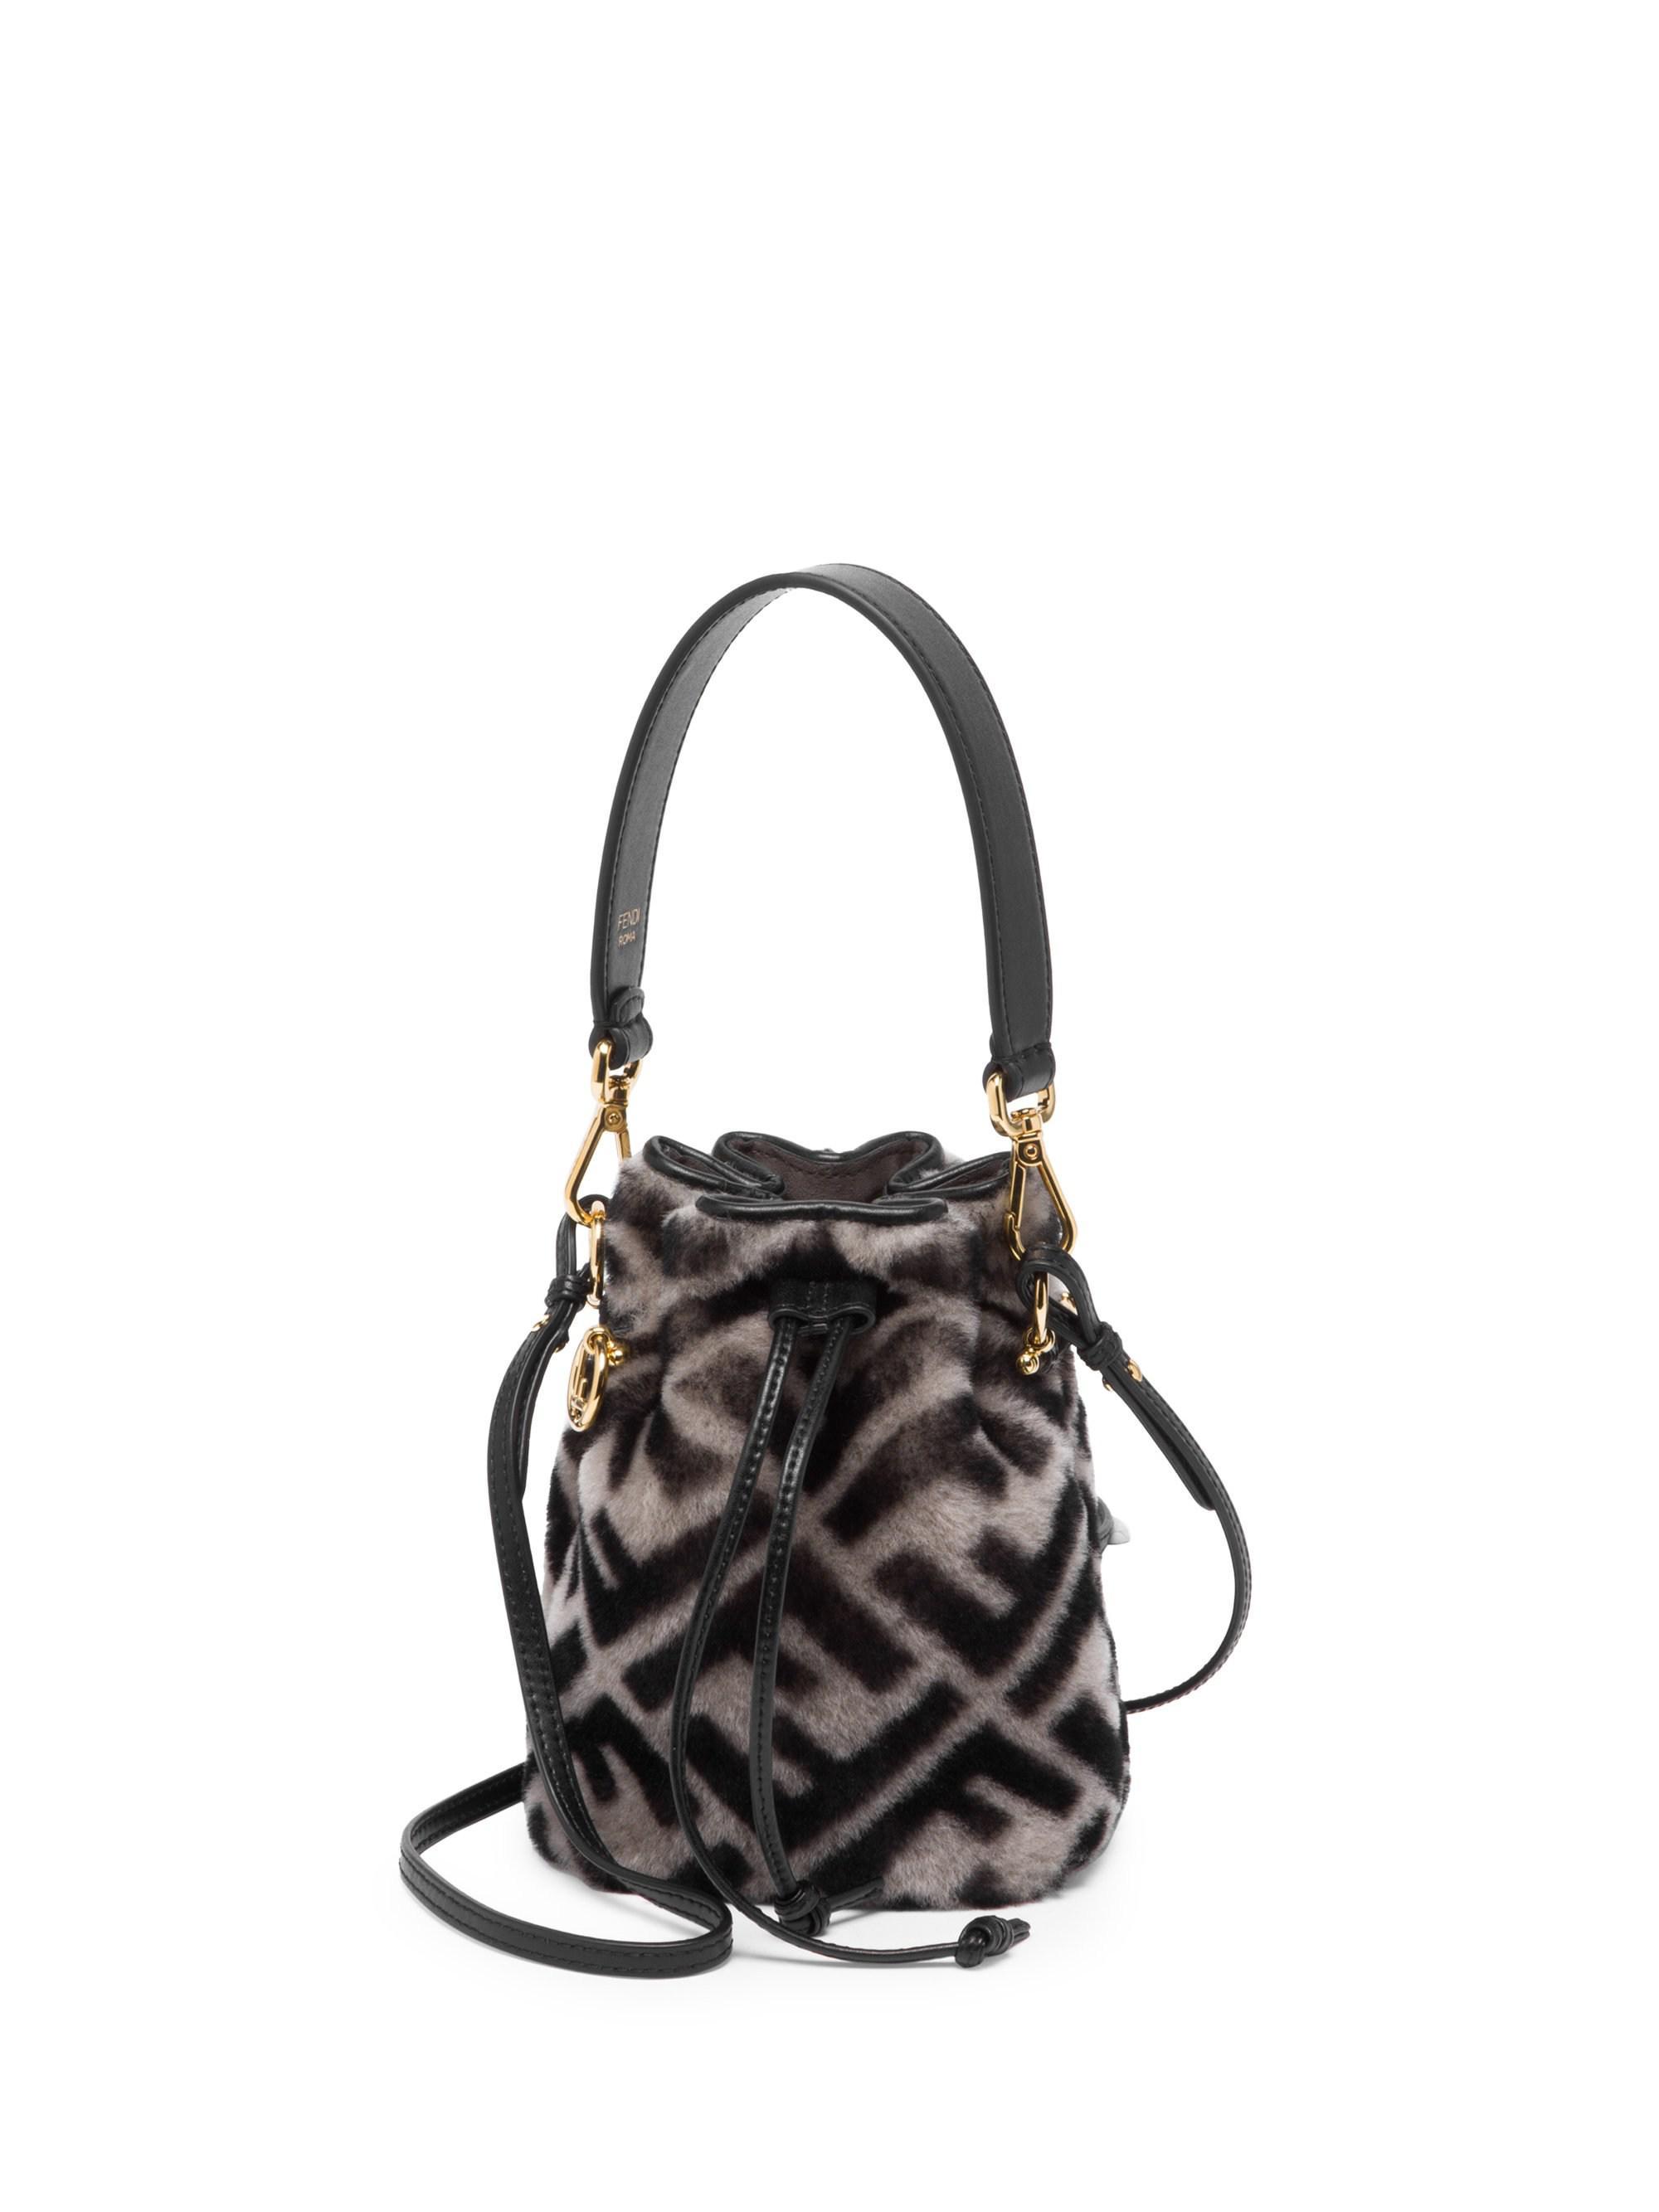 84e8ed0330e Fendi Mini Mon Tresor Shearling Bucket Bag in Black - Lyst